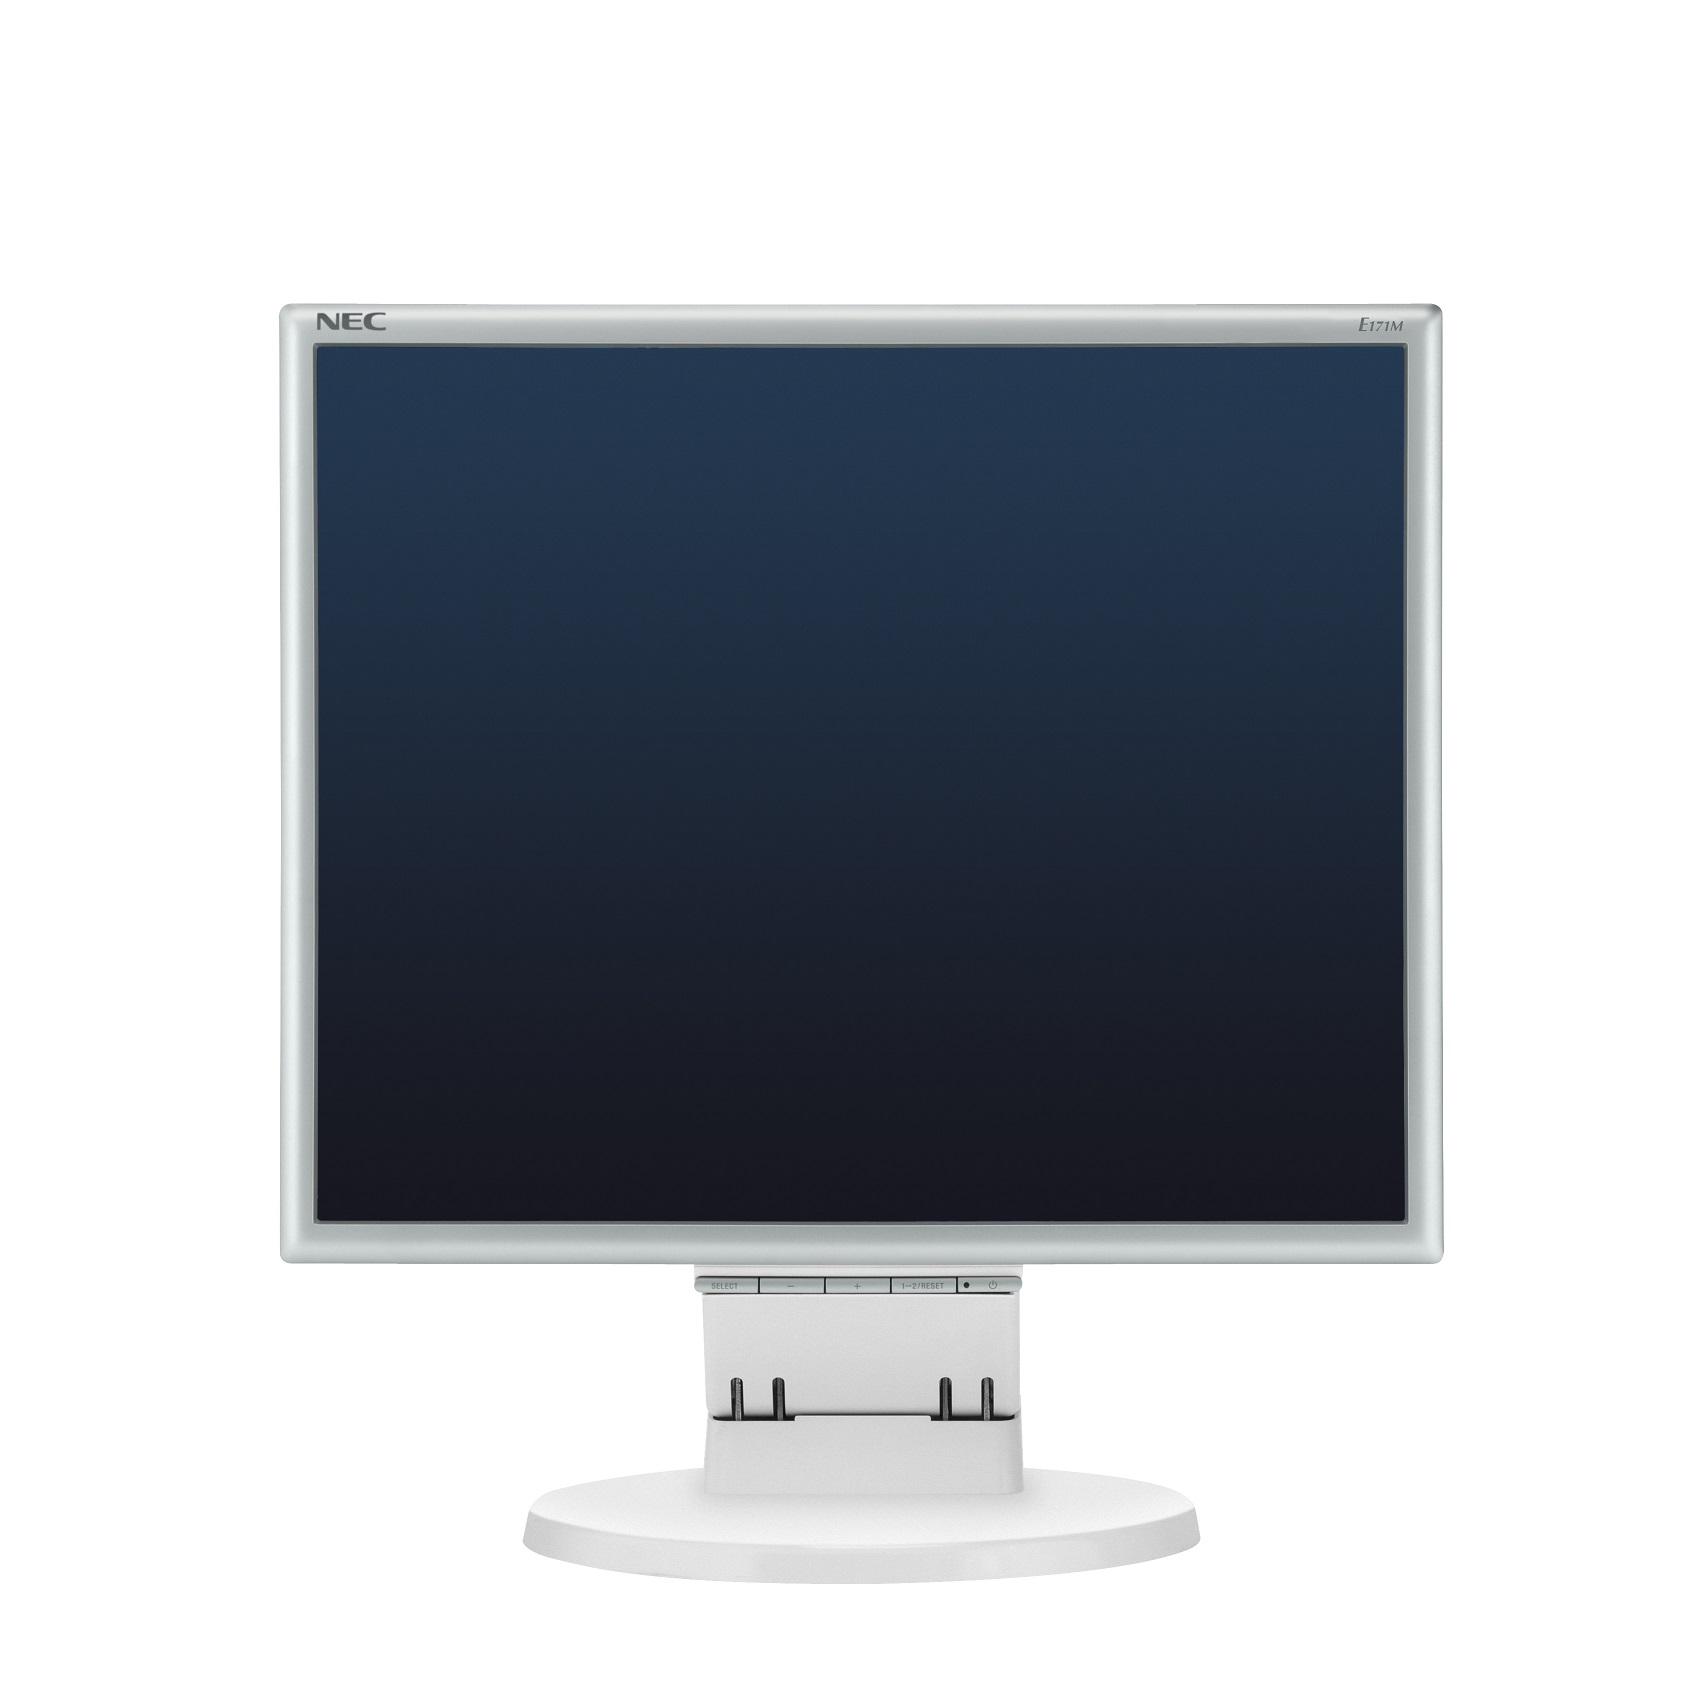 17' LED NEC E171M - 1280x1024, DVI, rep,HAS,slvr